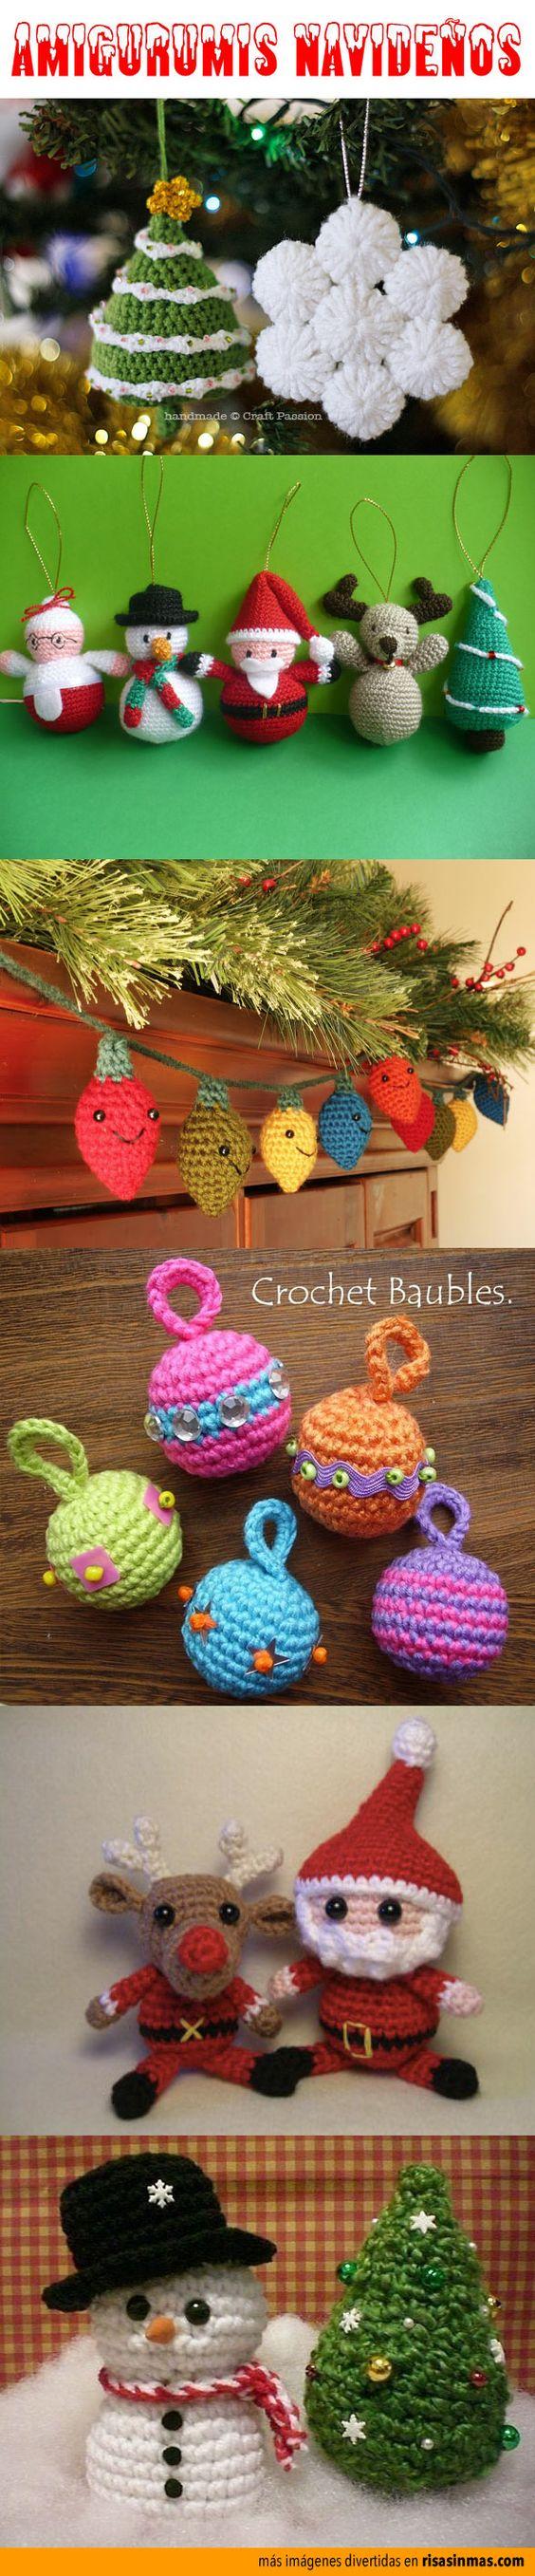 lo mejor de la navidad en crochet-otakulandia.es  (6)